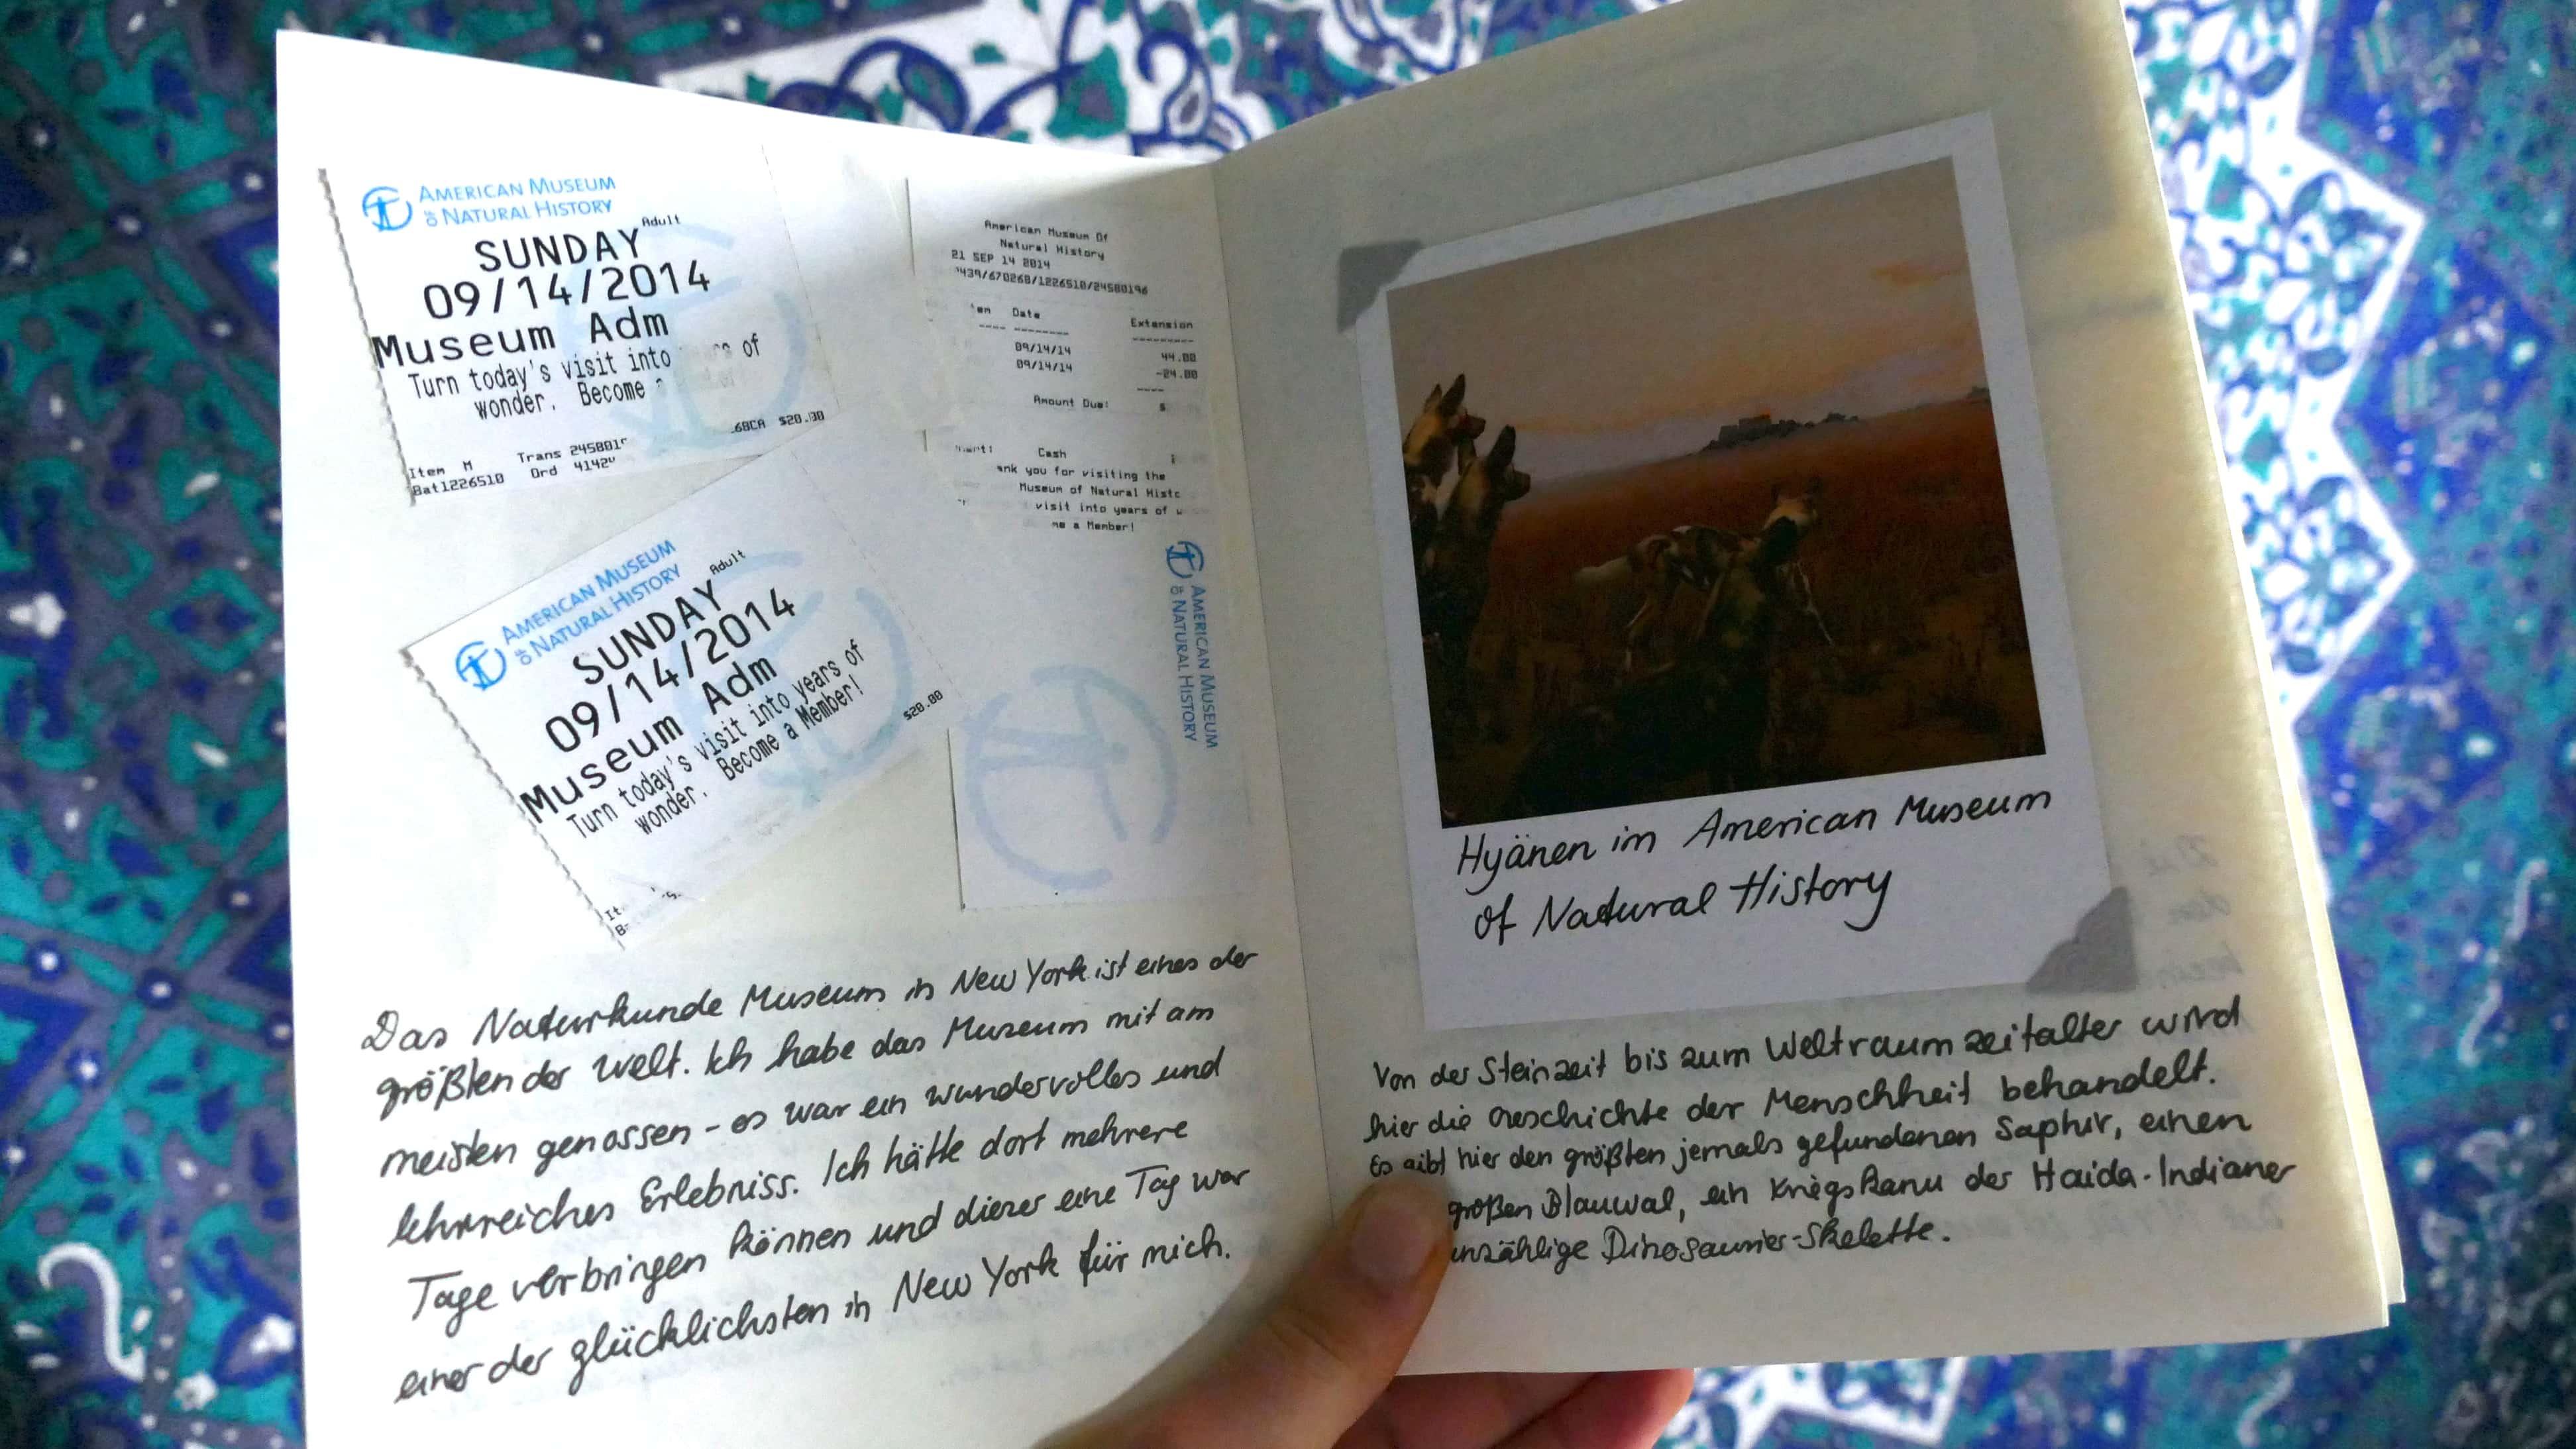 Julia zeigt ein Polaroid, das sie in einem Album eingeklebt hat, daneben Tickets eines Museums in New York